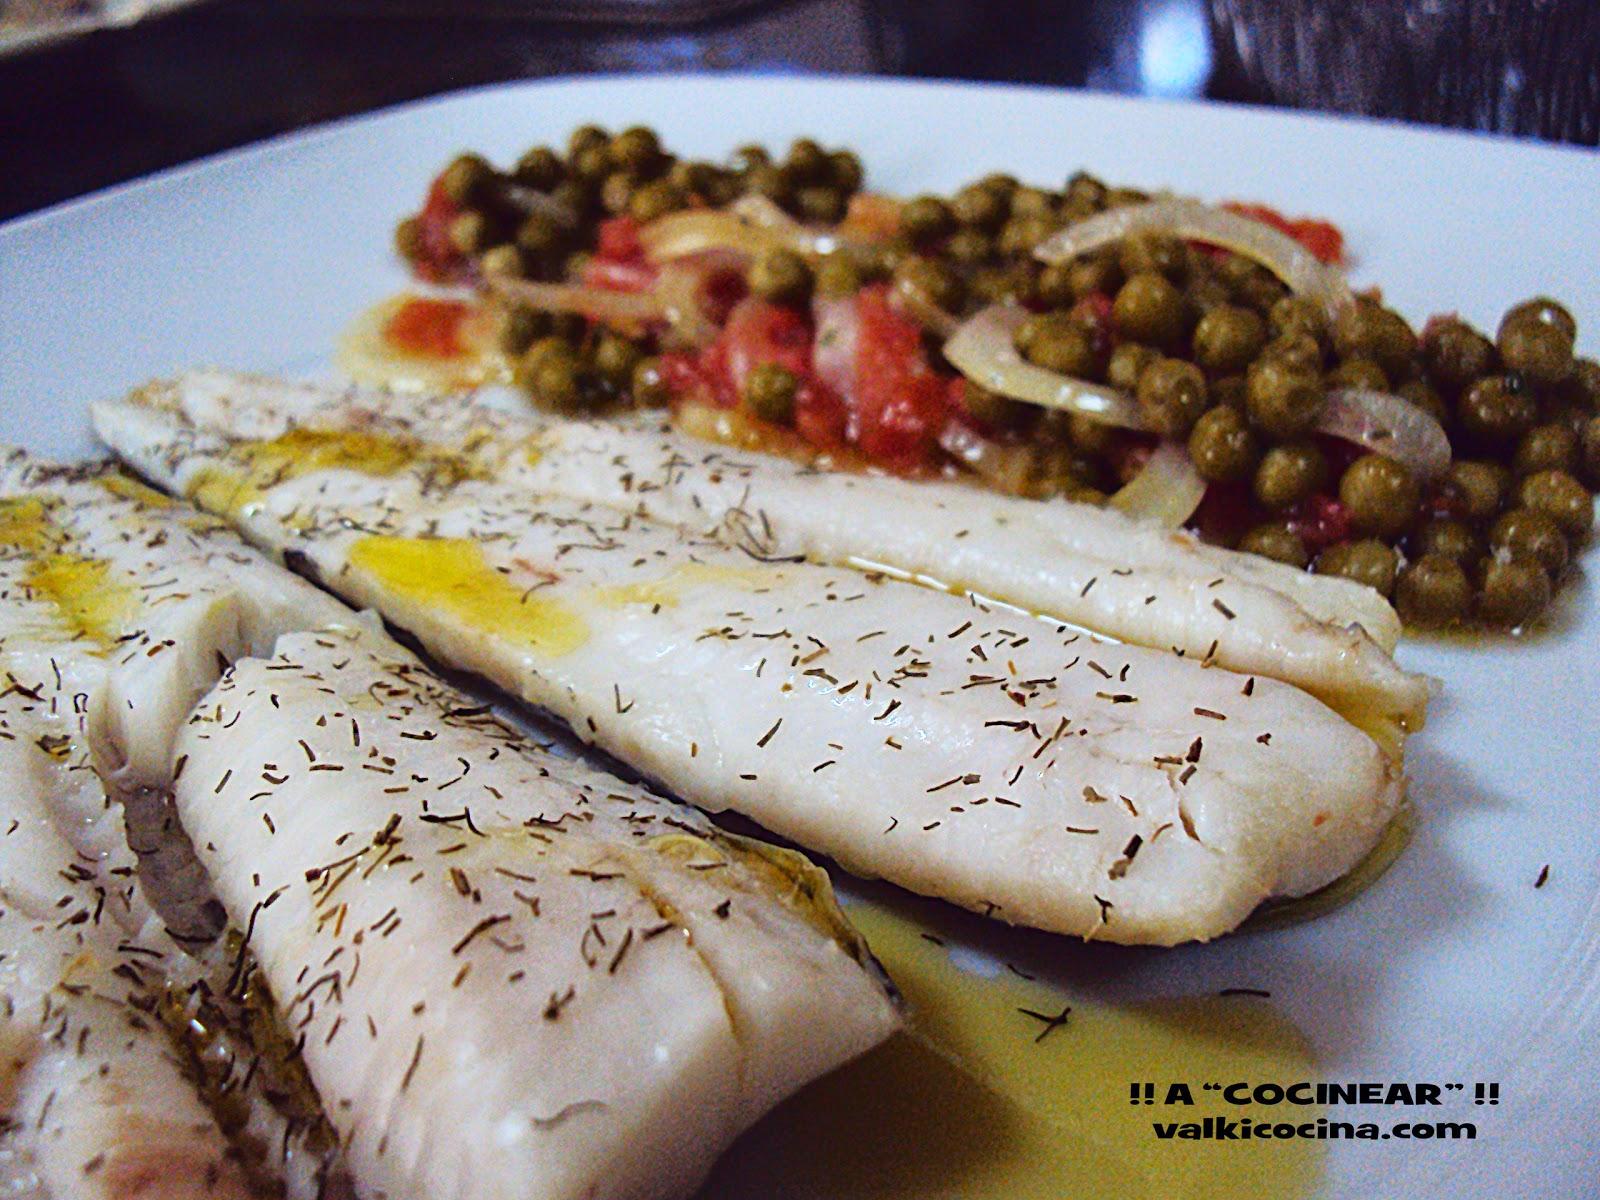 Merluza con guisantes al microondas a cocinear recetas - Cocinar pescado en microondas ...